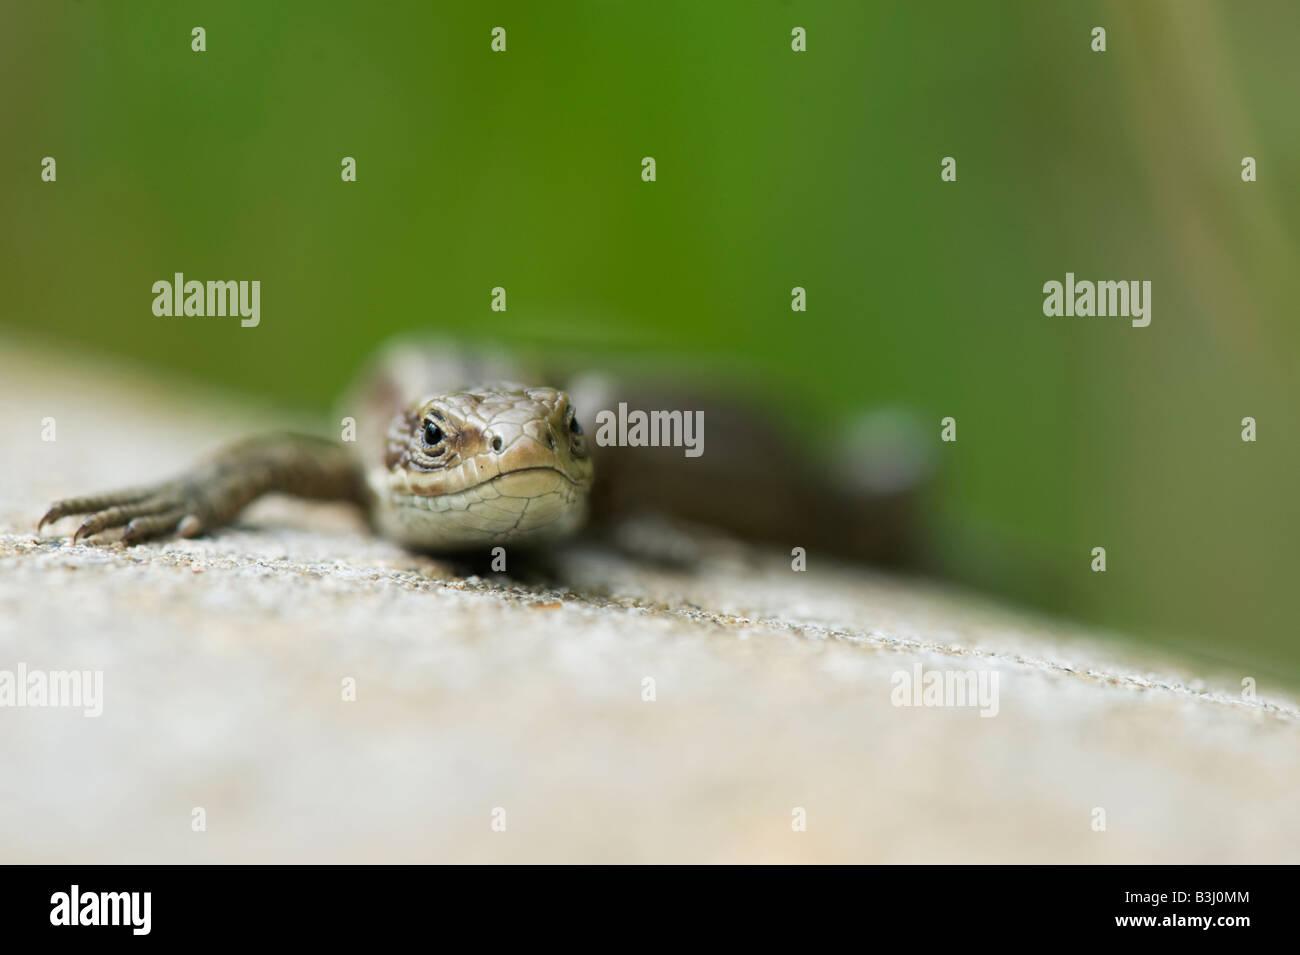 Zootoca Vivipara. Gemeinen Eidechse Stockfoto